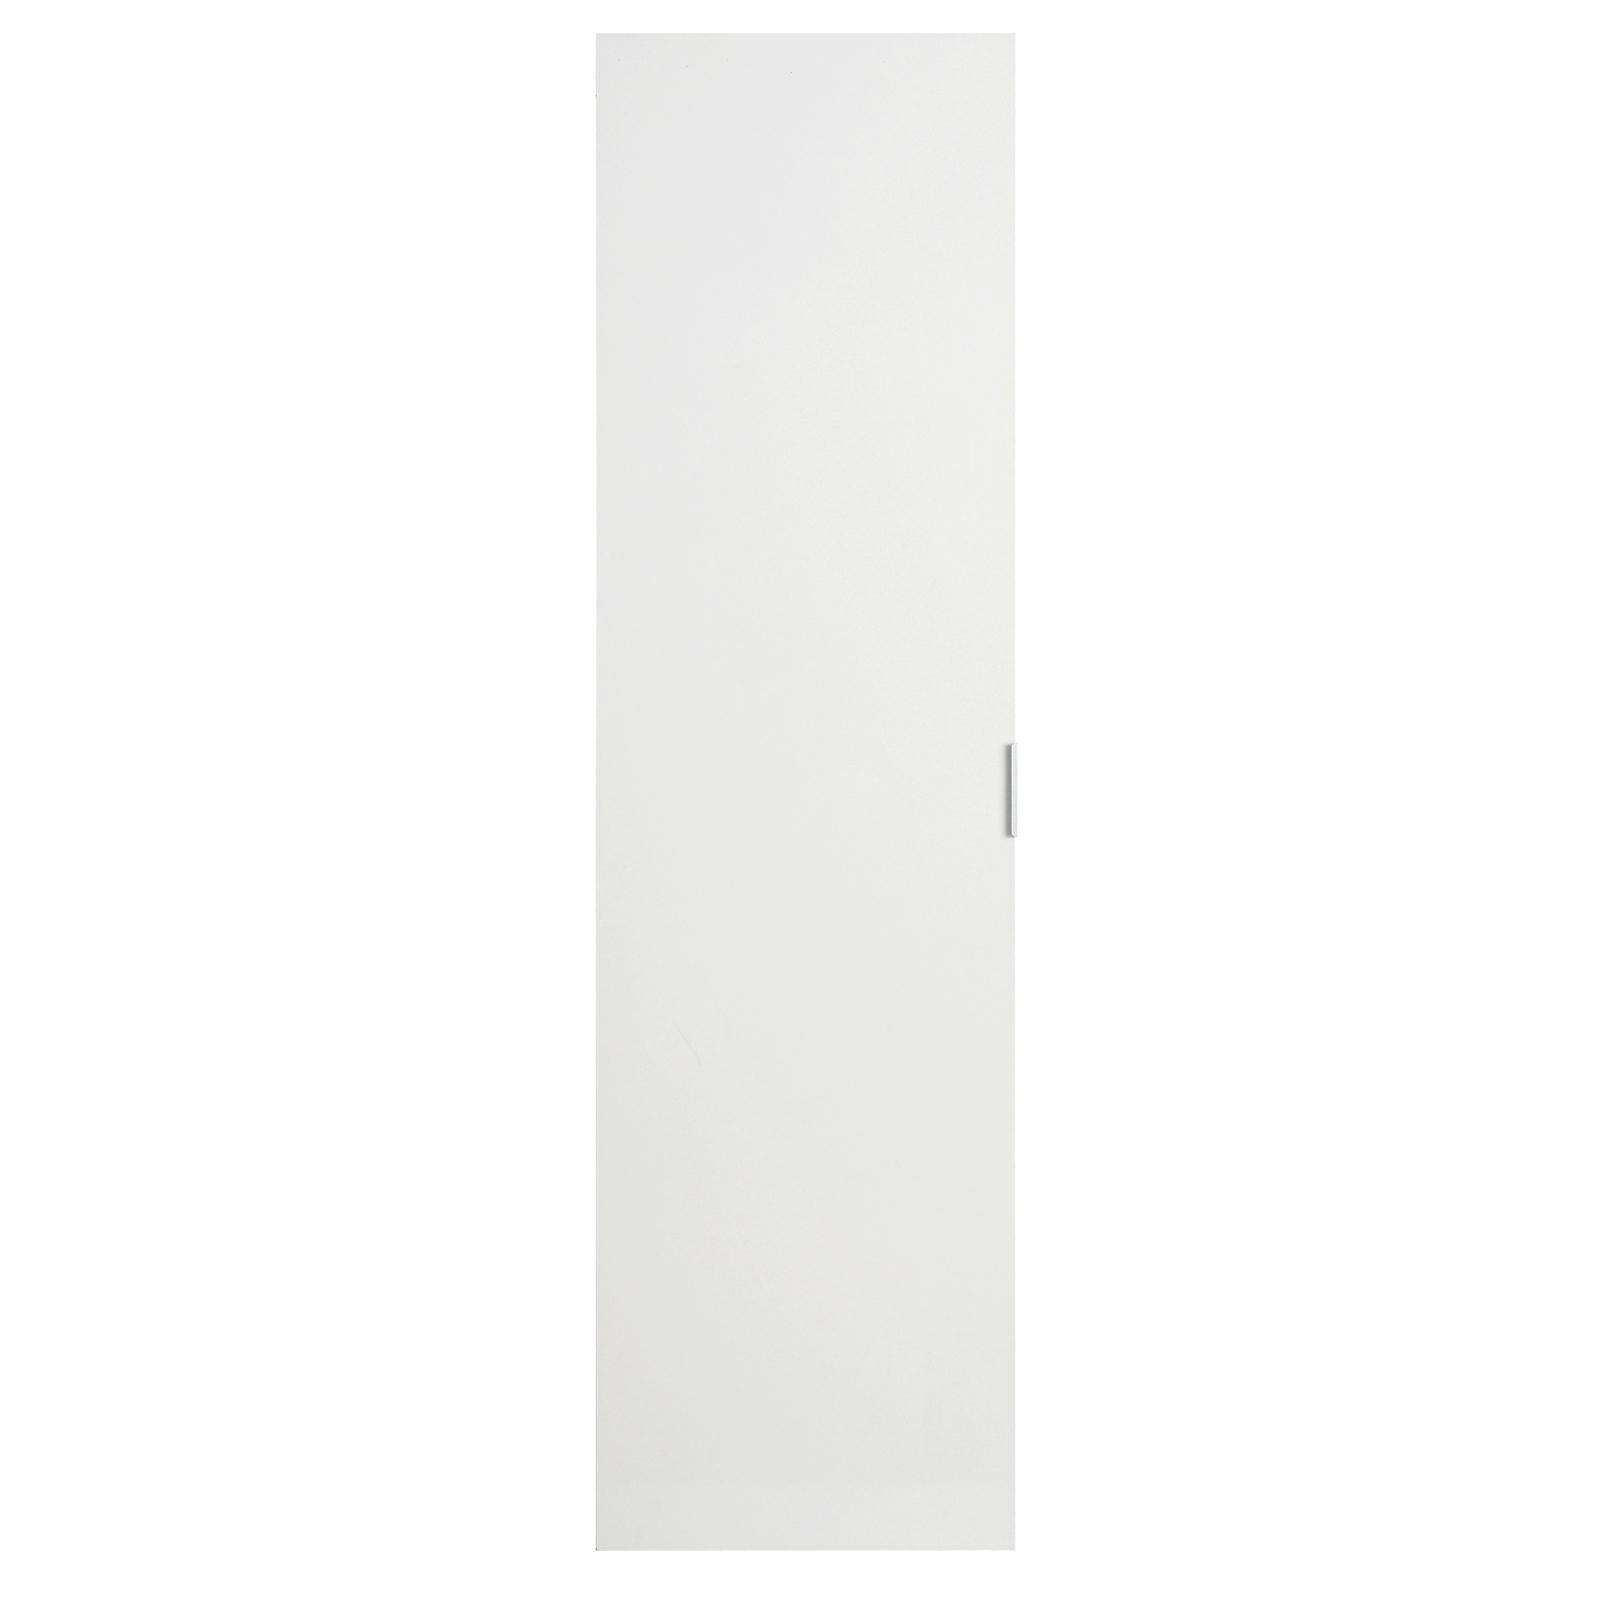 Flexi Storage High Gloss White Hinge Wardrobe Door